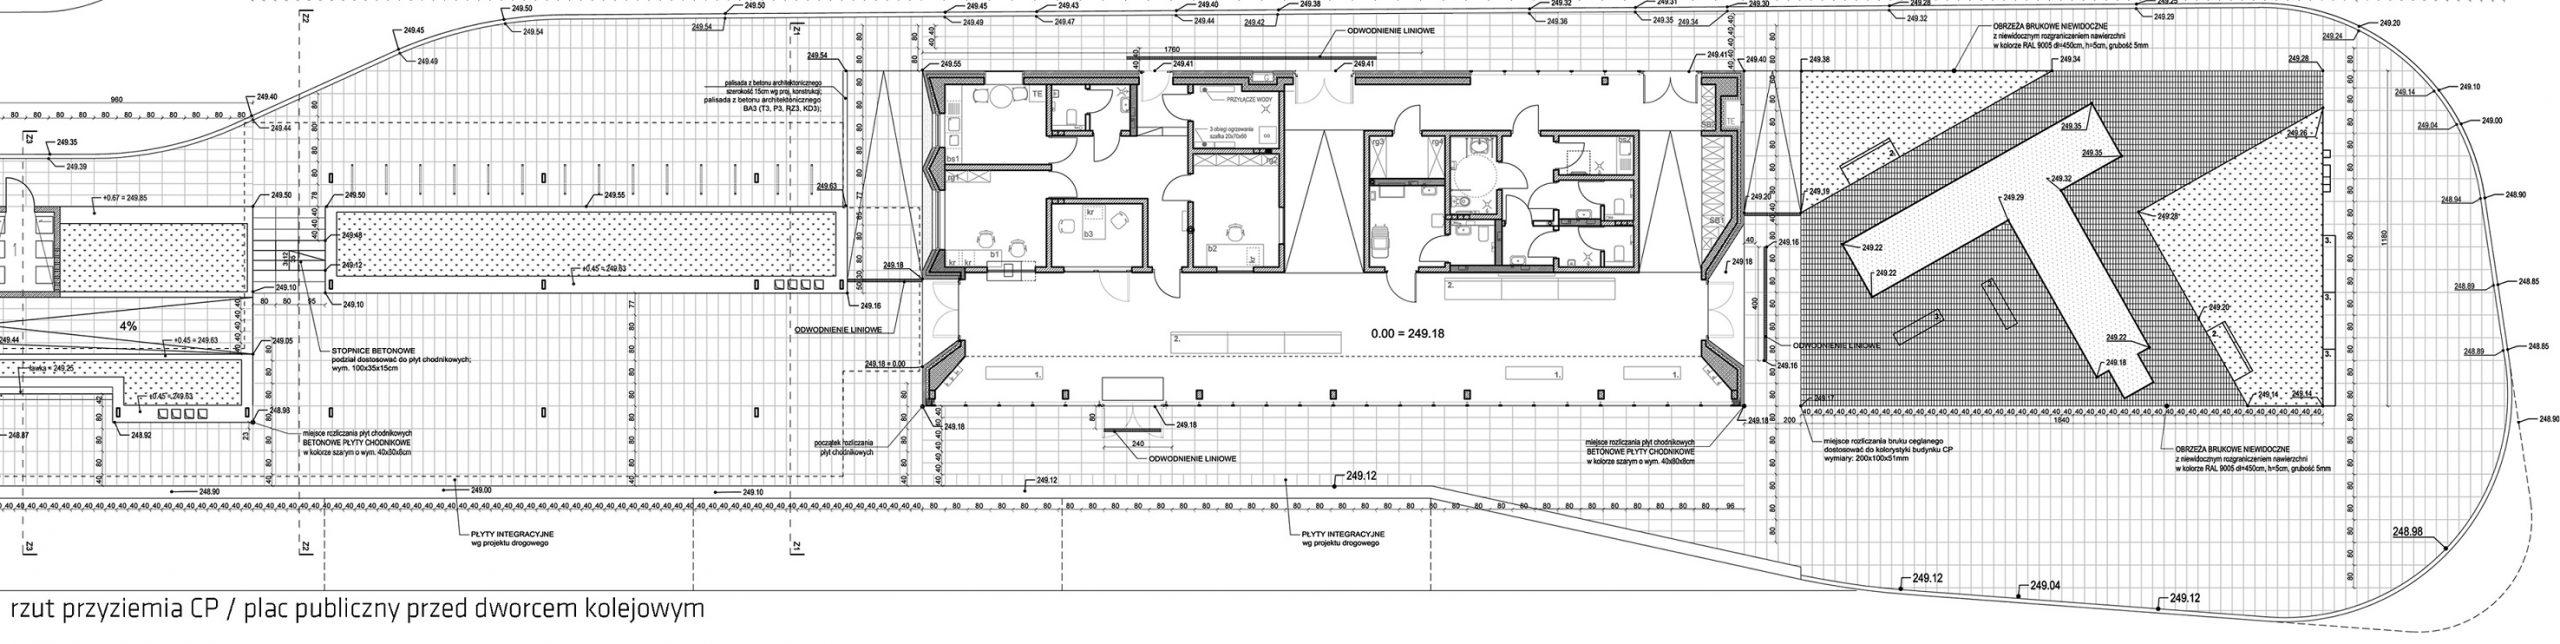 centrum przesiadkowe 02 scaled ARCHITEKT | SENSEGROUP | PSZCZYNA